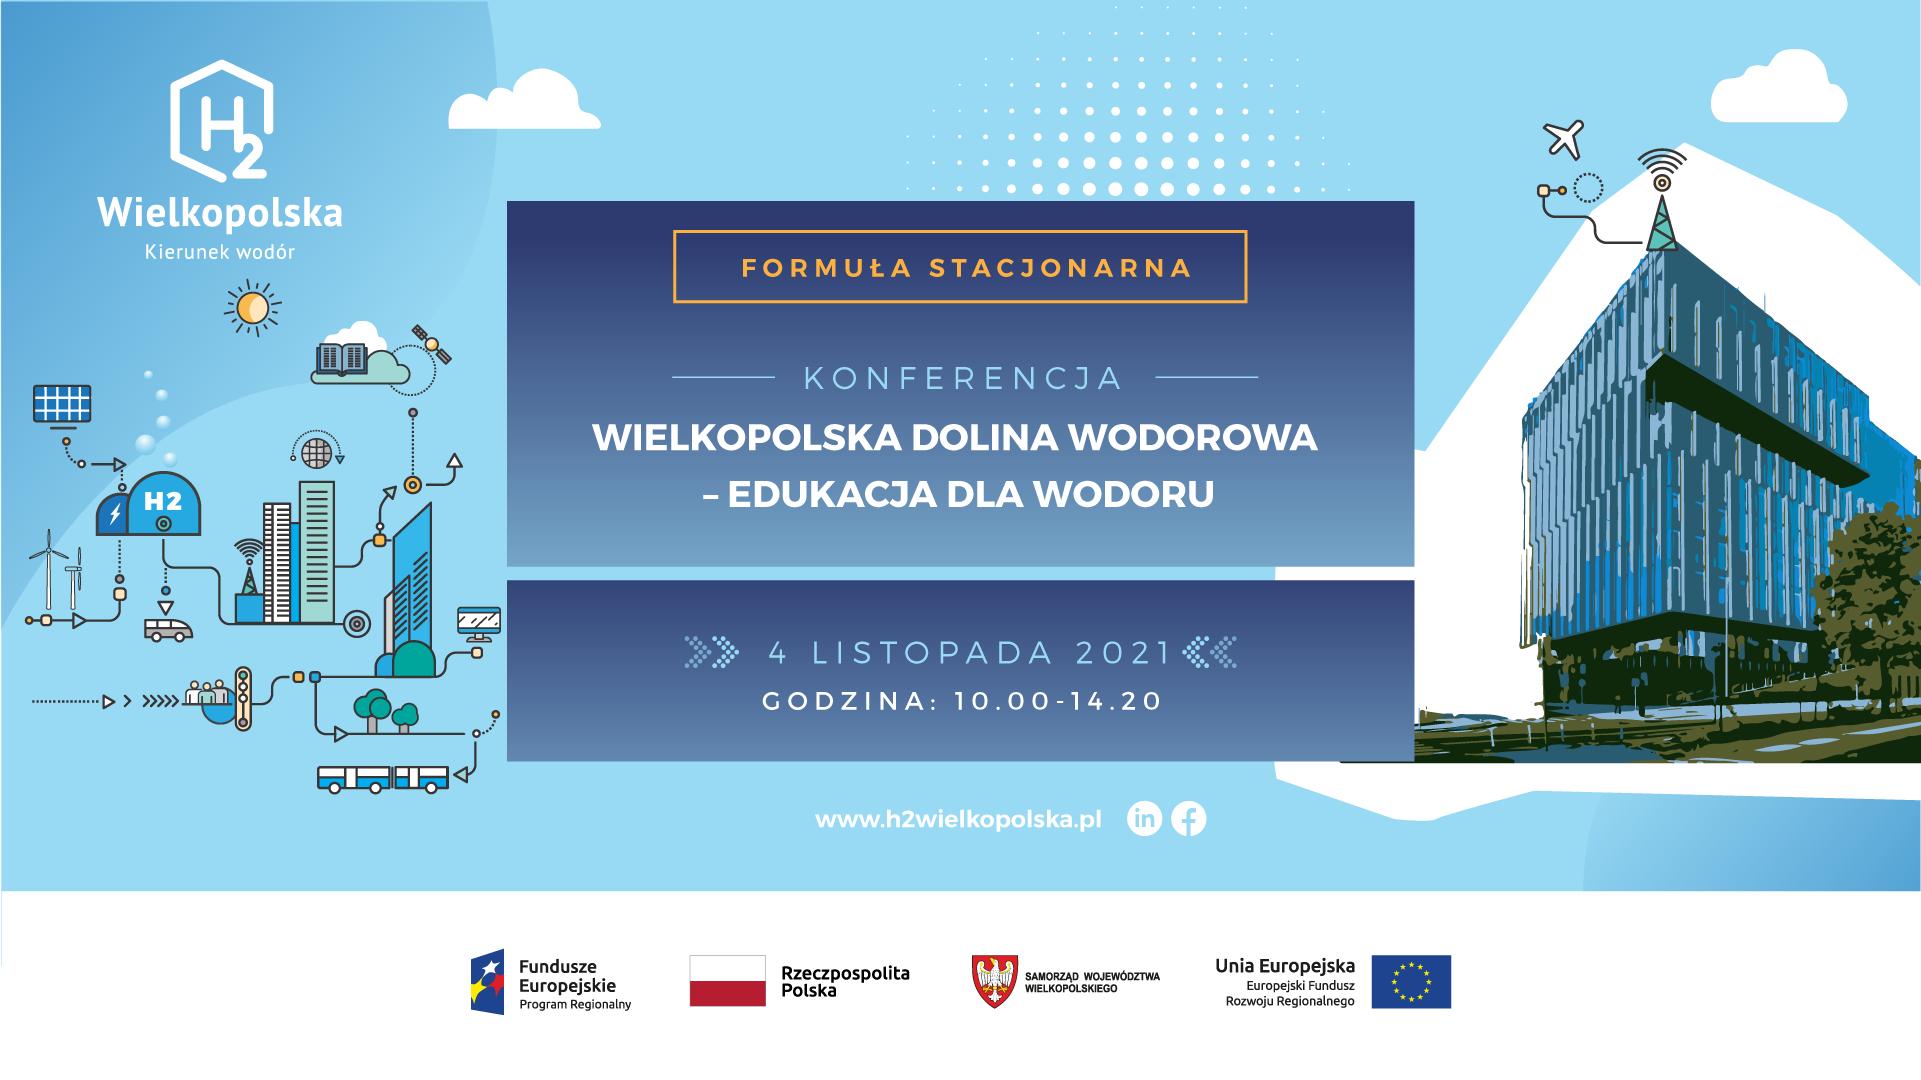 """Konferencja """"Wielkopolska Dolina Wodorowa – Edukacja dla wodoru"""""""